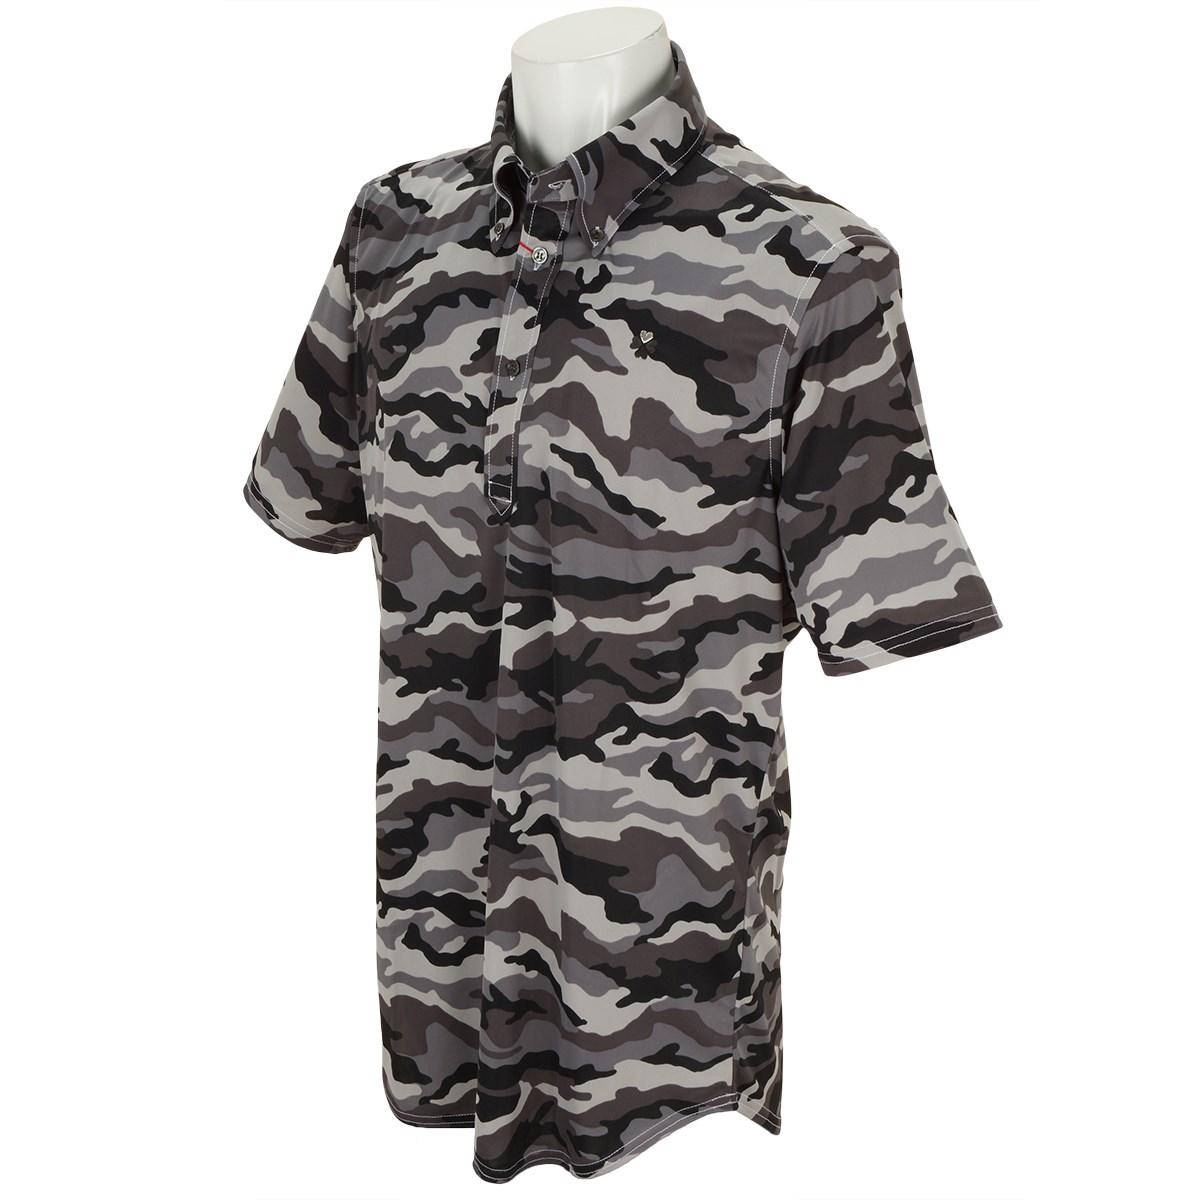 ブラッドシフト BLOOD SHIFT パターンボタンダウン半袖ポロシャツ 46 グレー系カモフラージュプリント